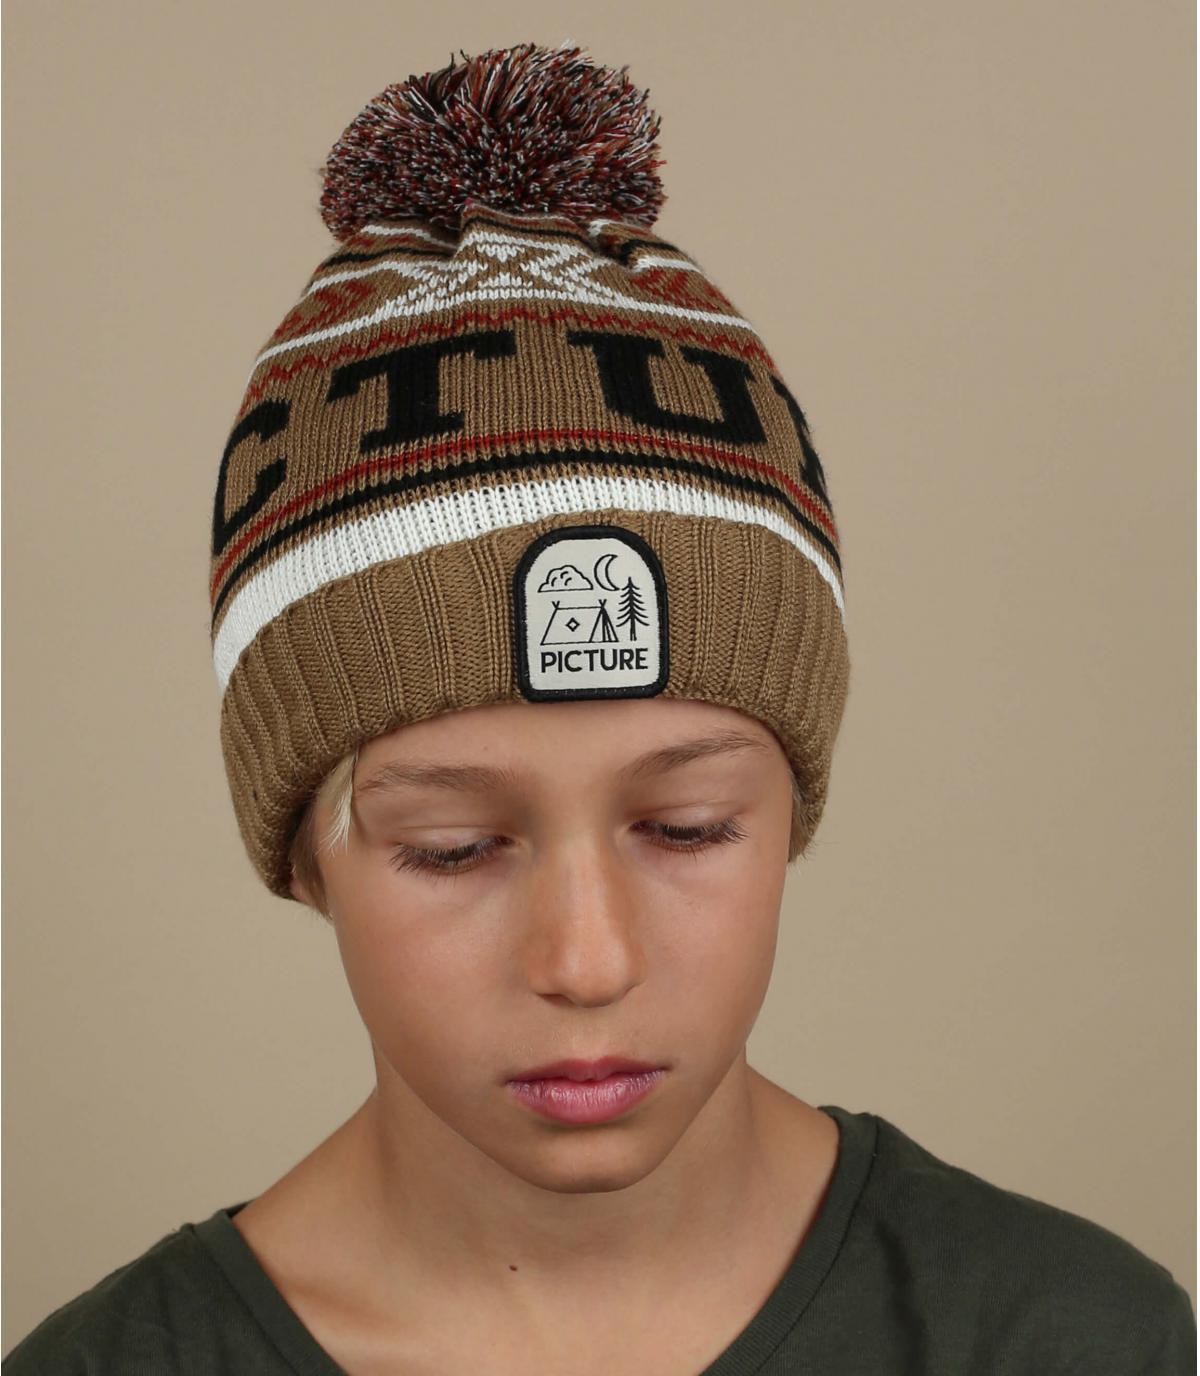 cappello beige per bambini Picture